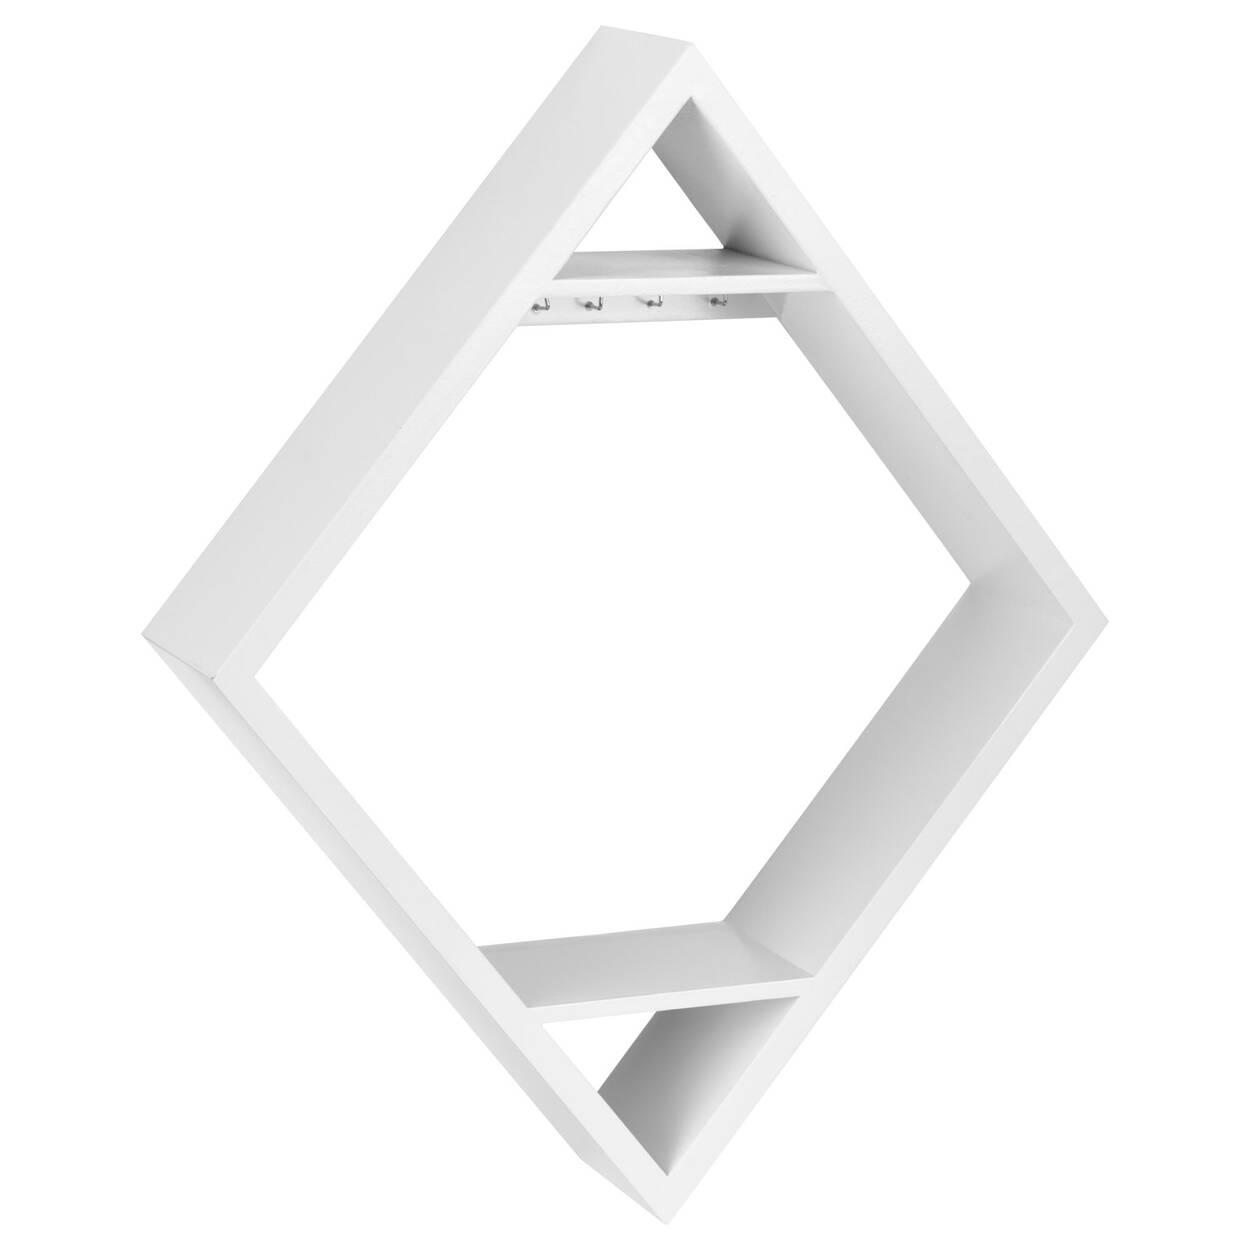 Diamond Shaped Wall Shelf